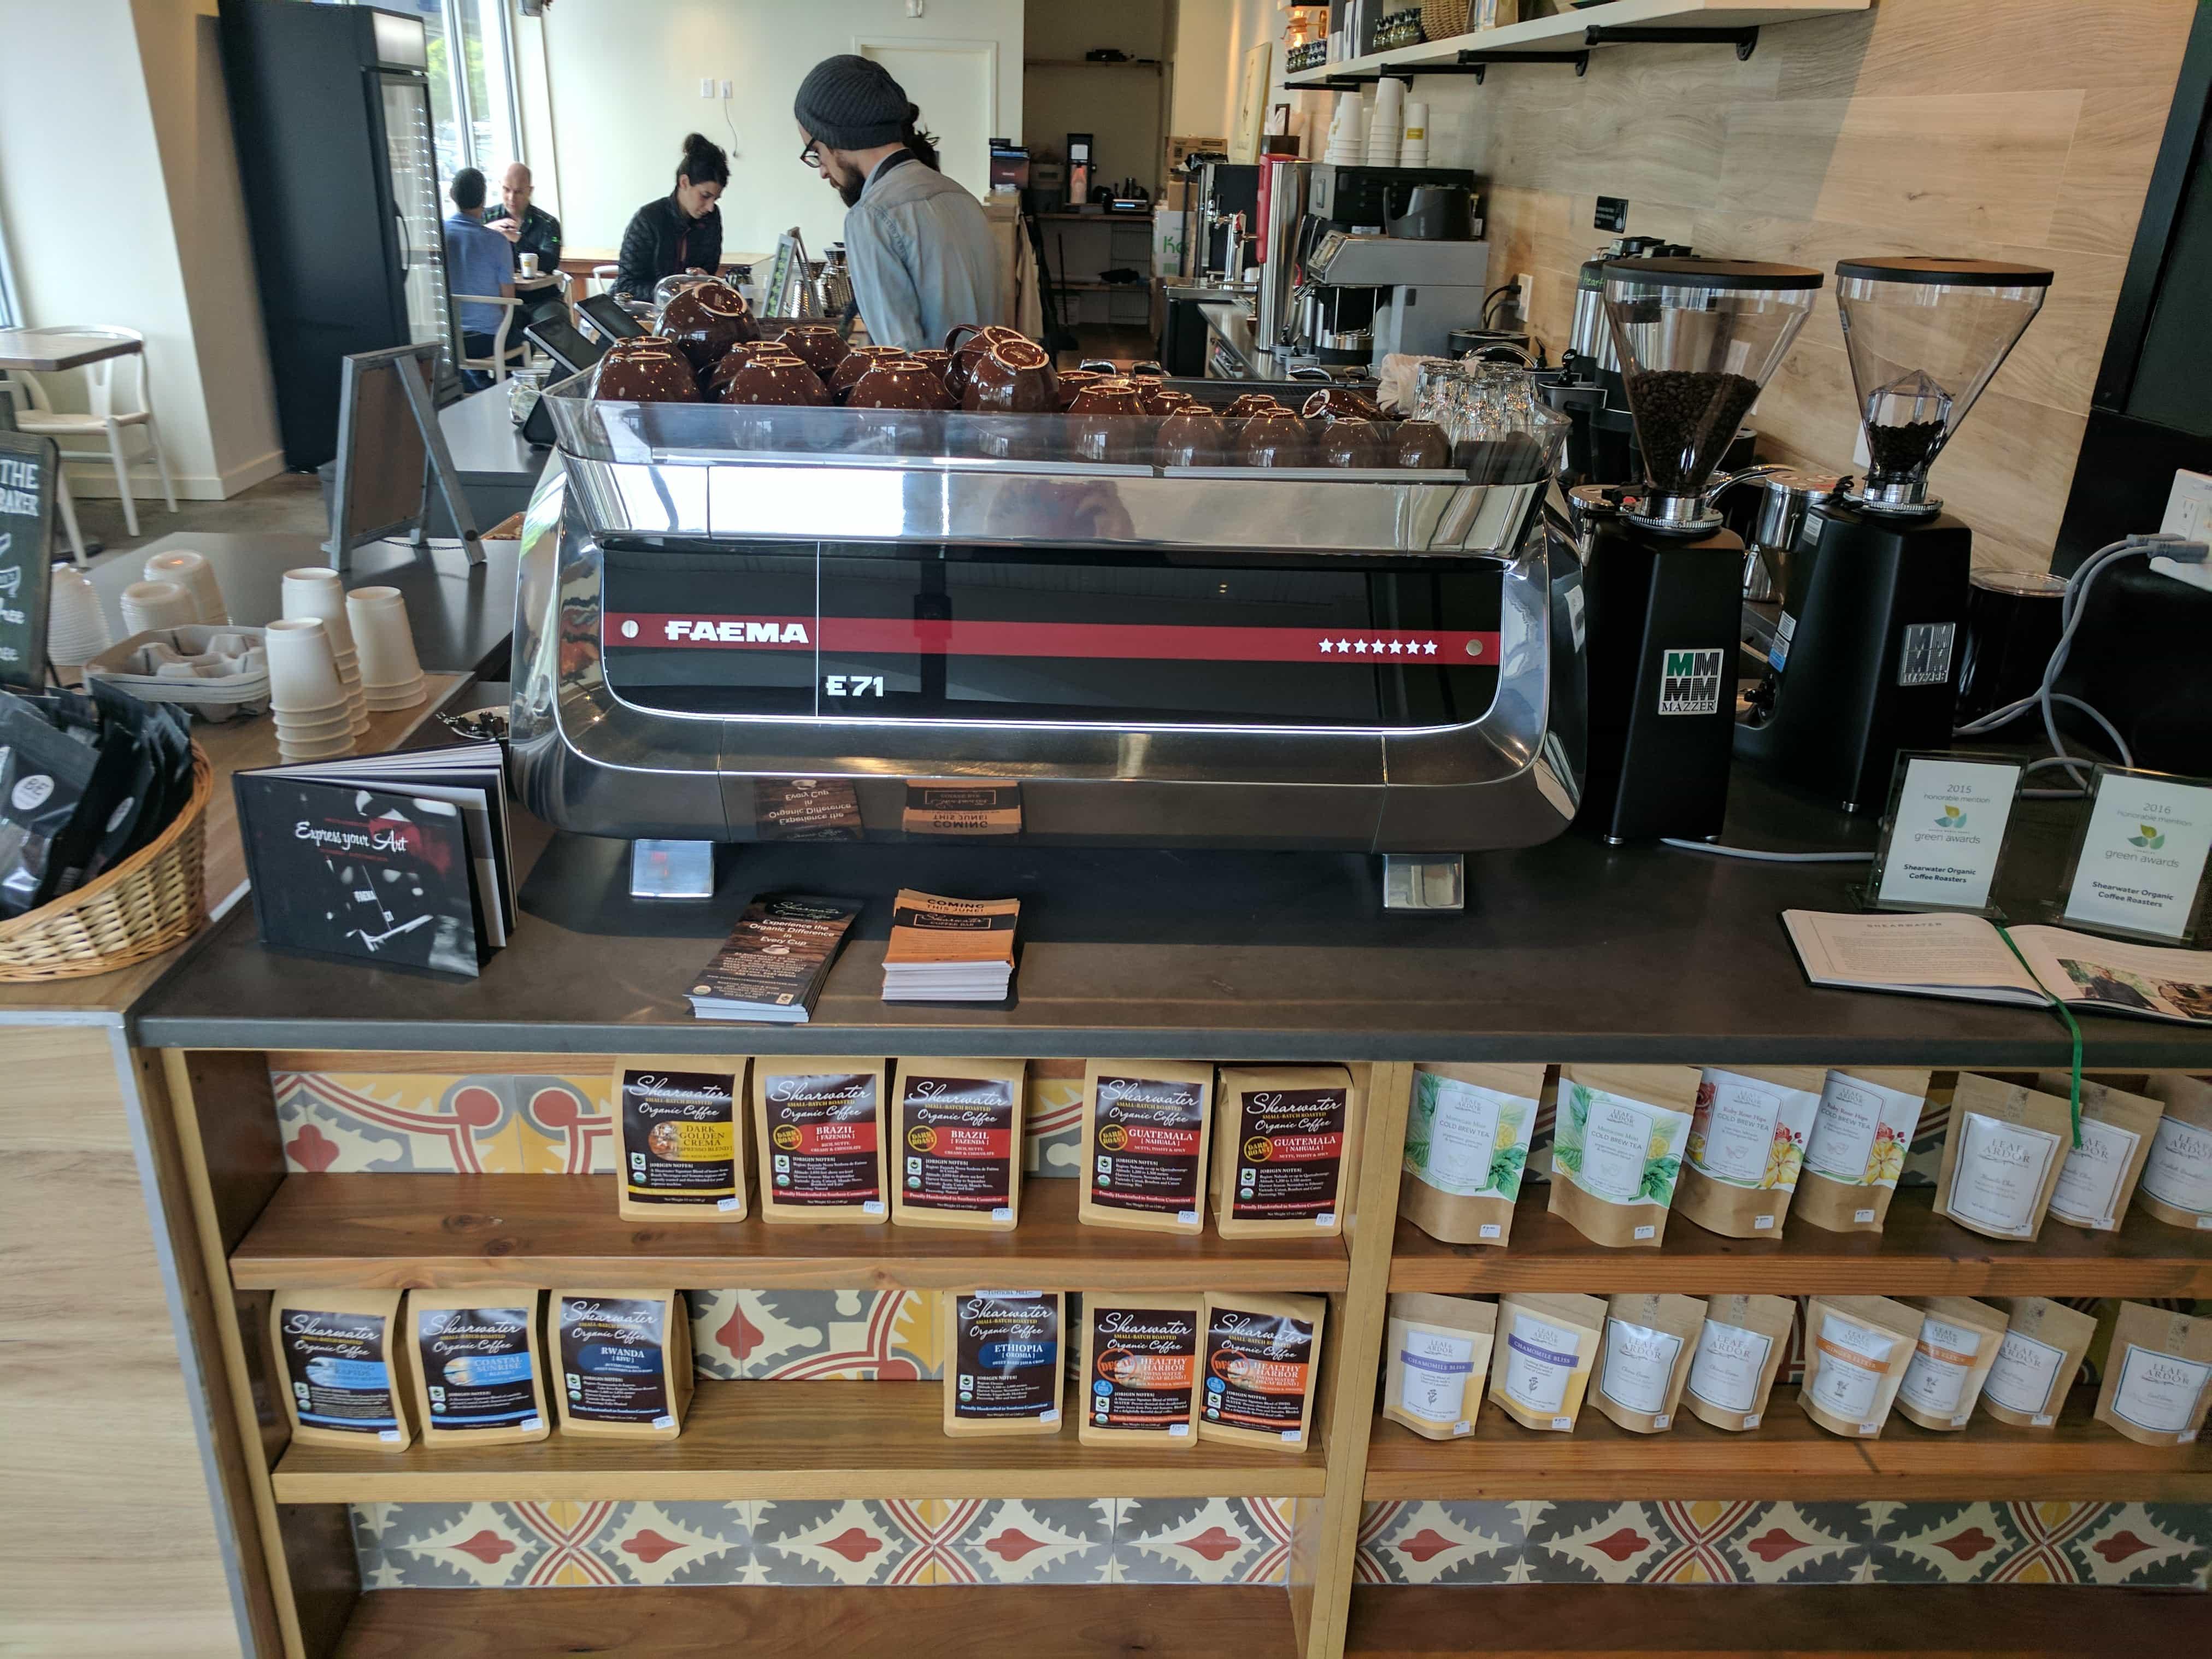 IMG 20170606 105413 - Shearwater Organic Coffee Roasters Opens Coffee Bar